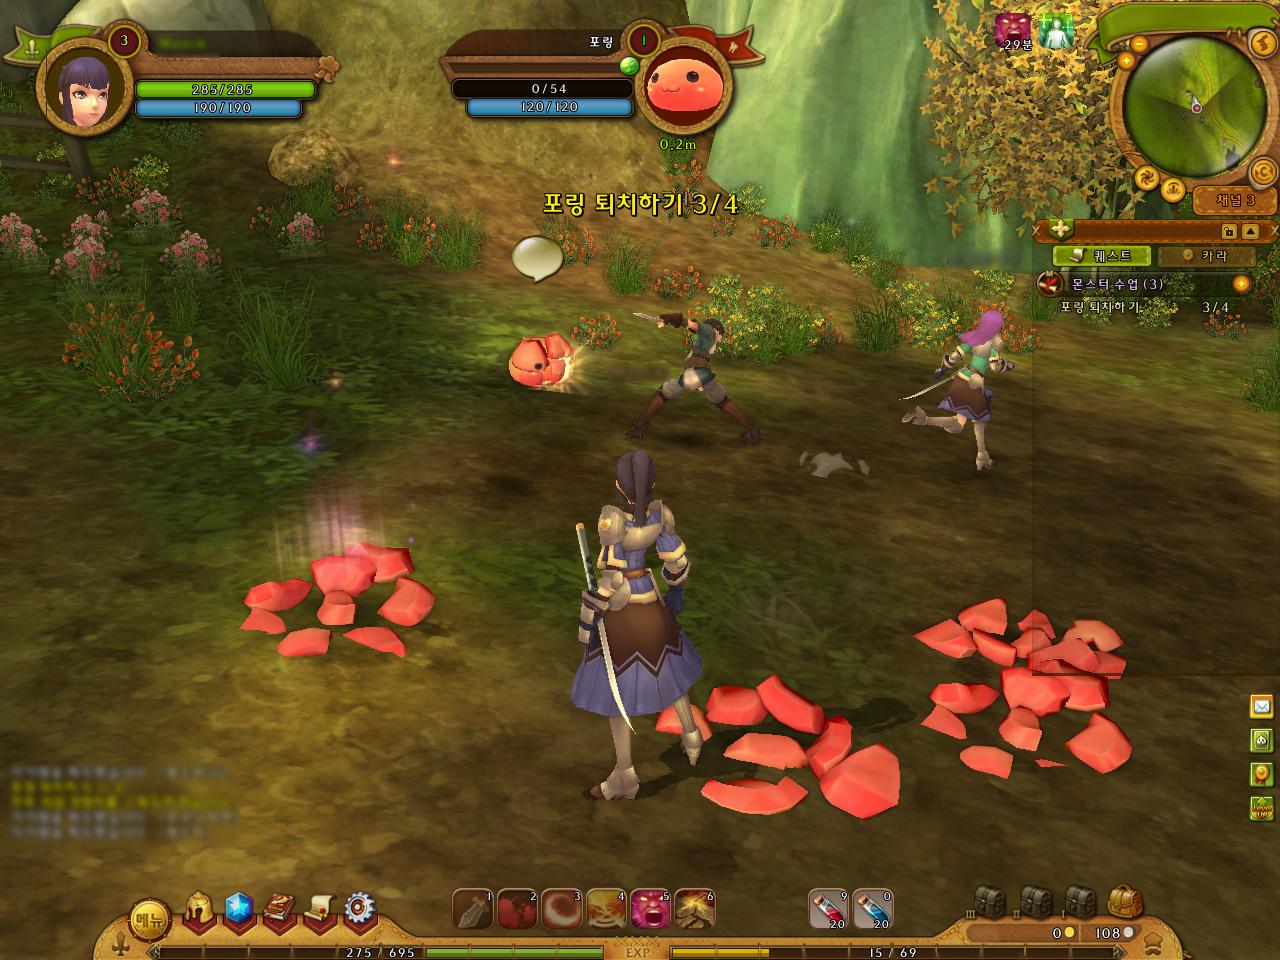 ragnarok online 2 legend of the second sword ragnarok